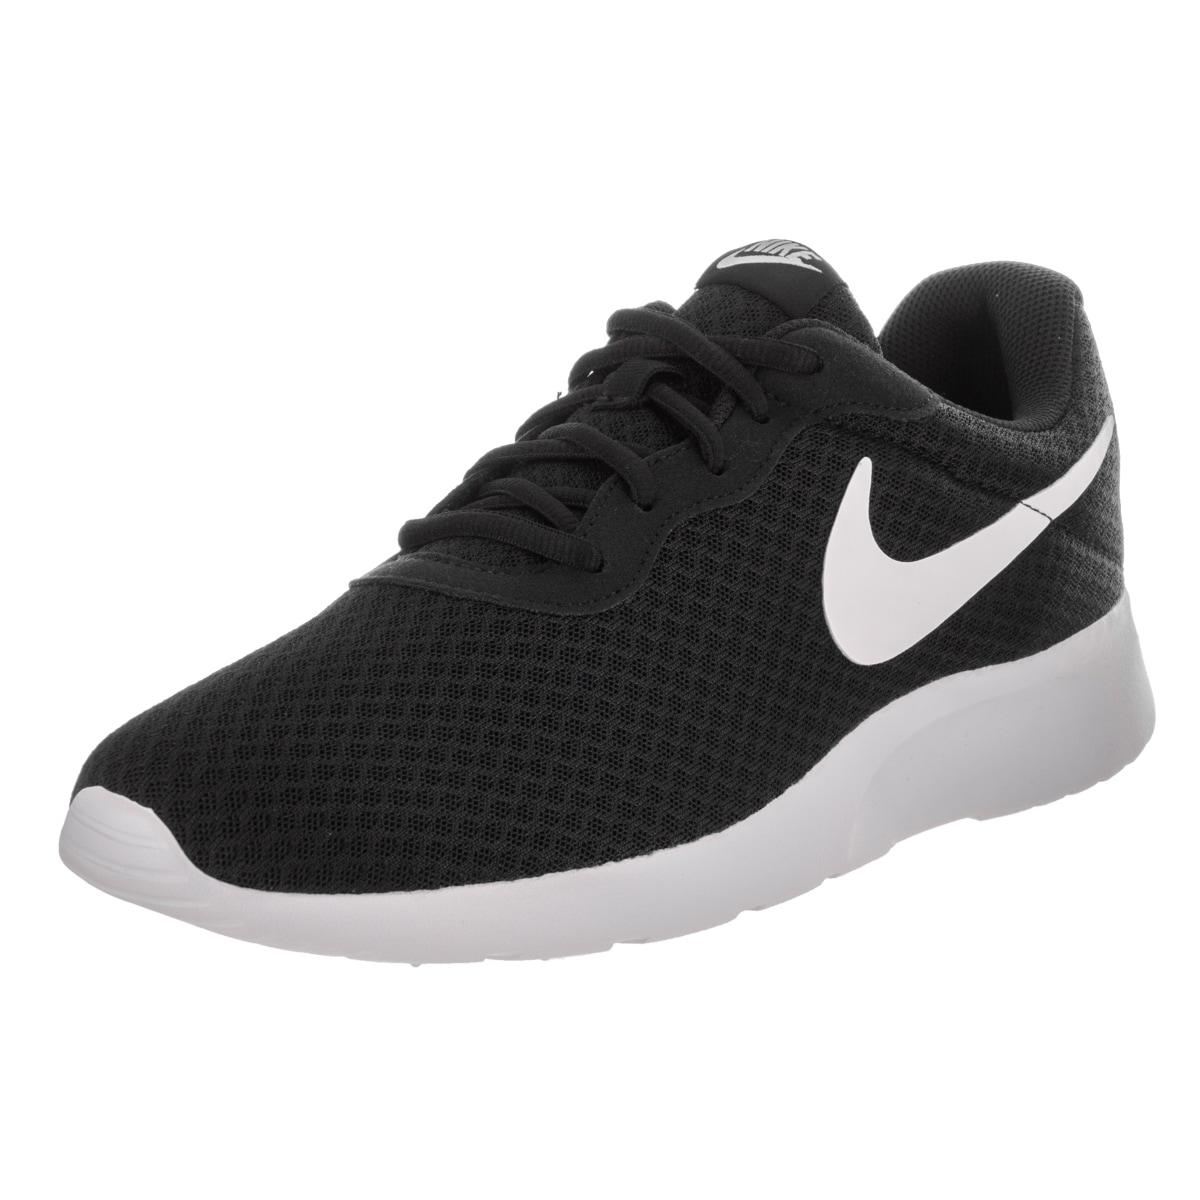 Nike Men's Tanjun Black Running Shoes (8) (leather)